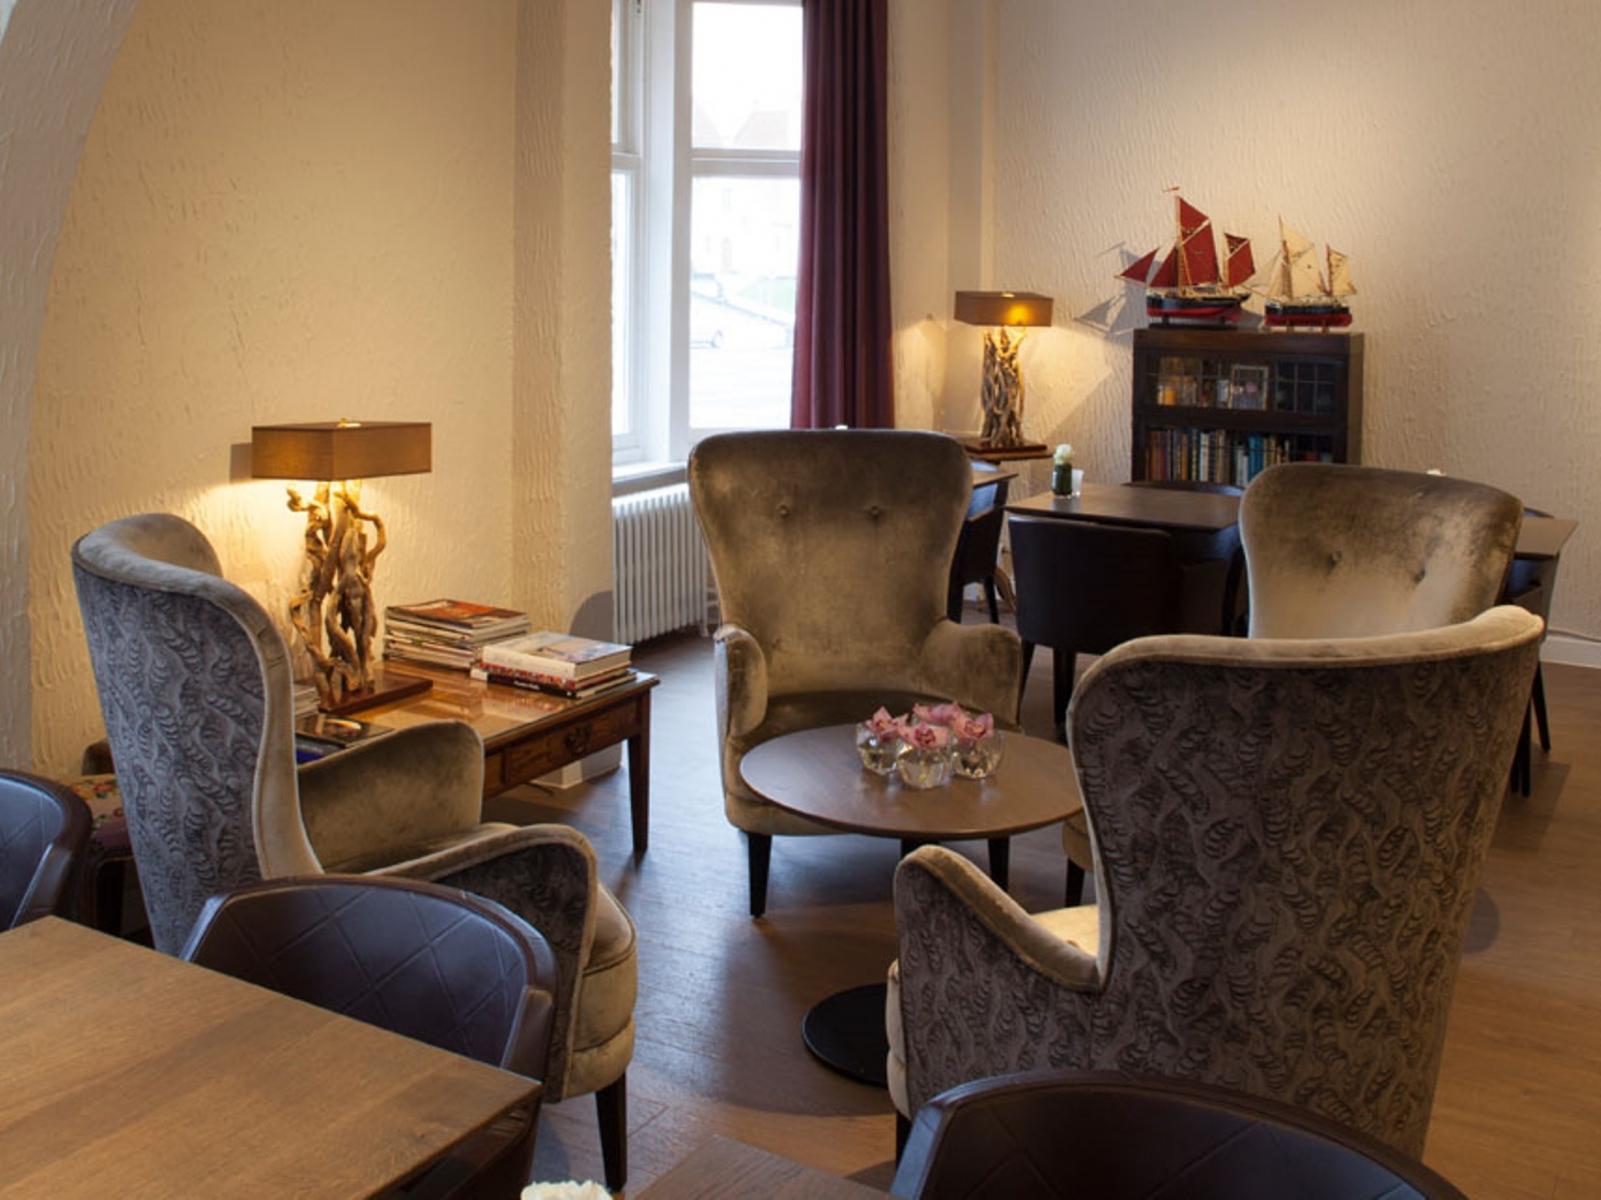 hotel-du-soleil-knokke-heist thumbnail